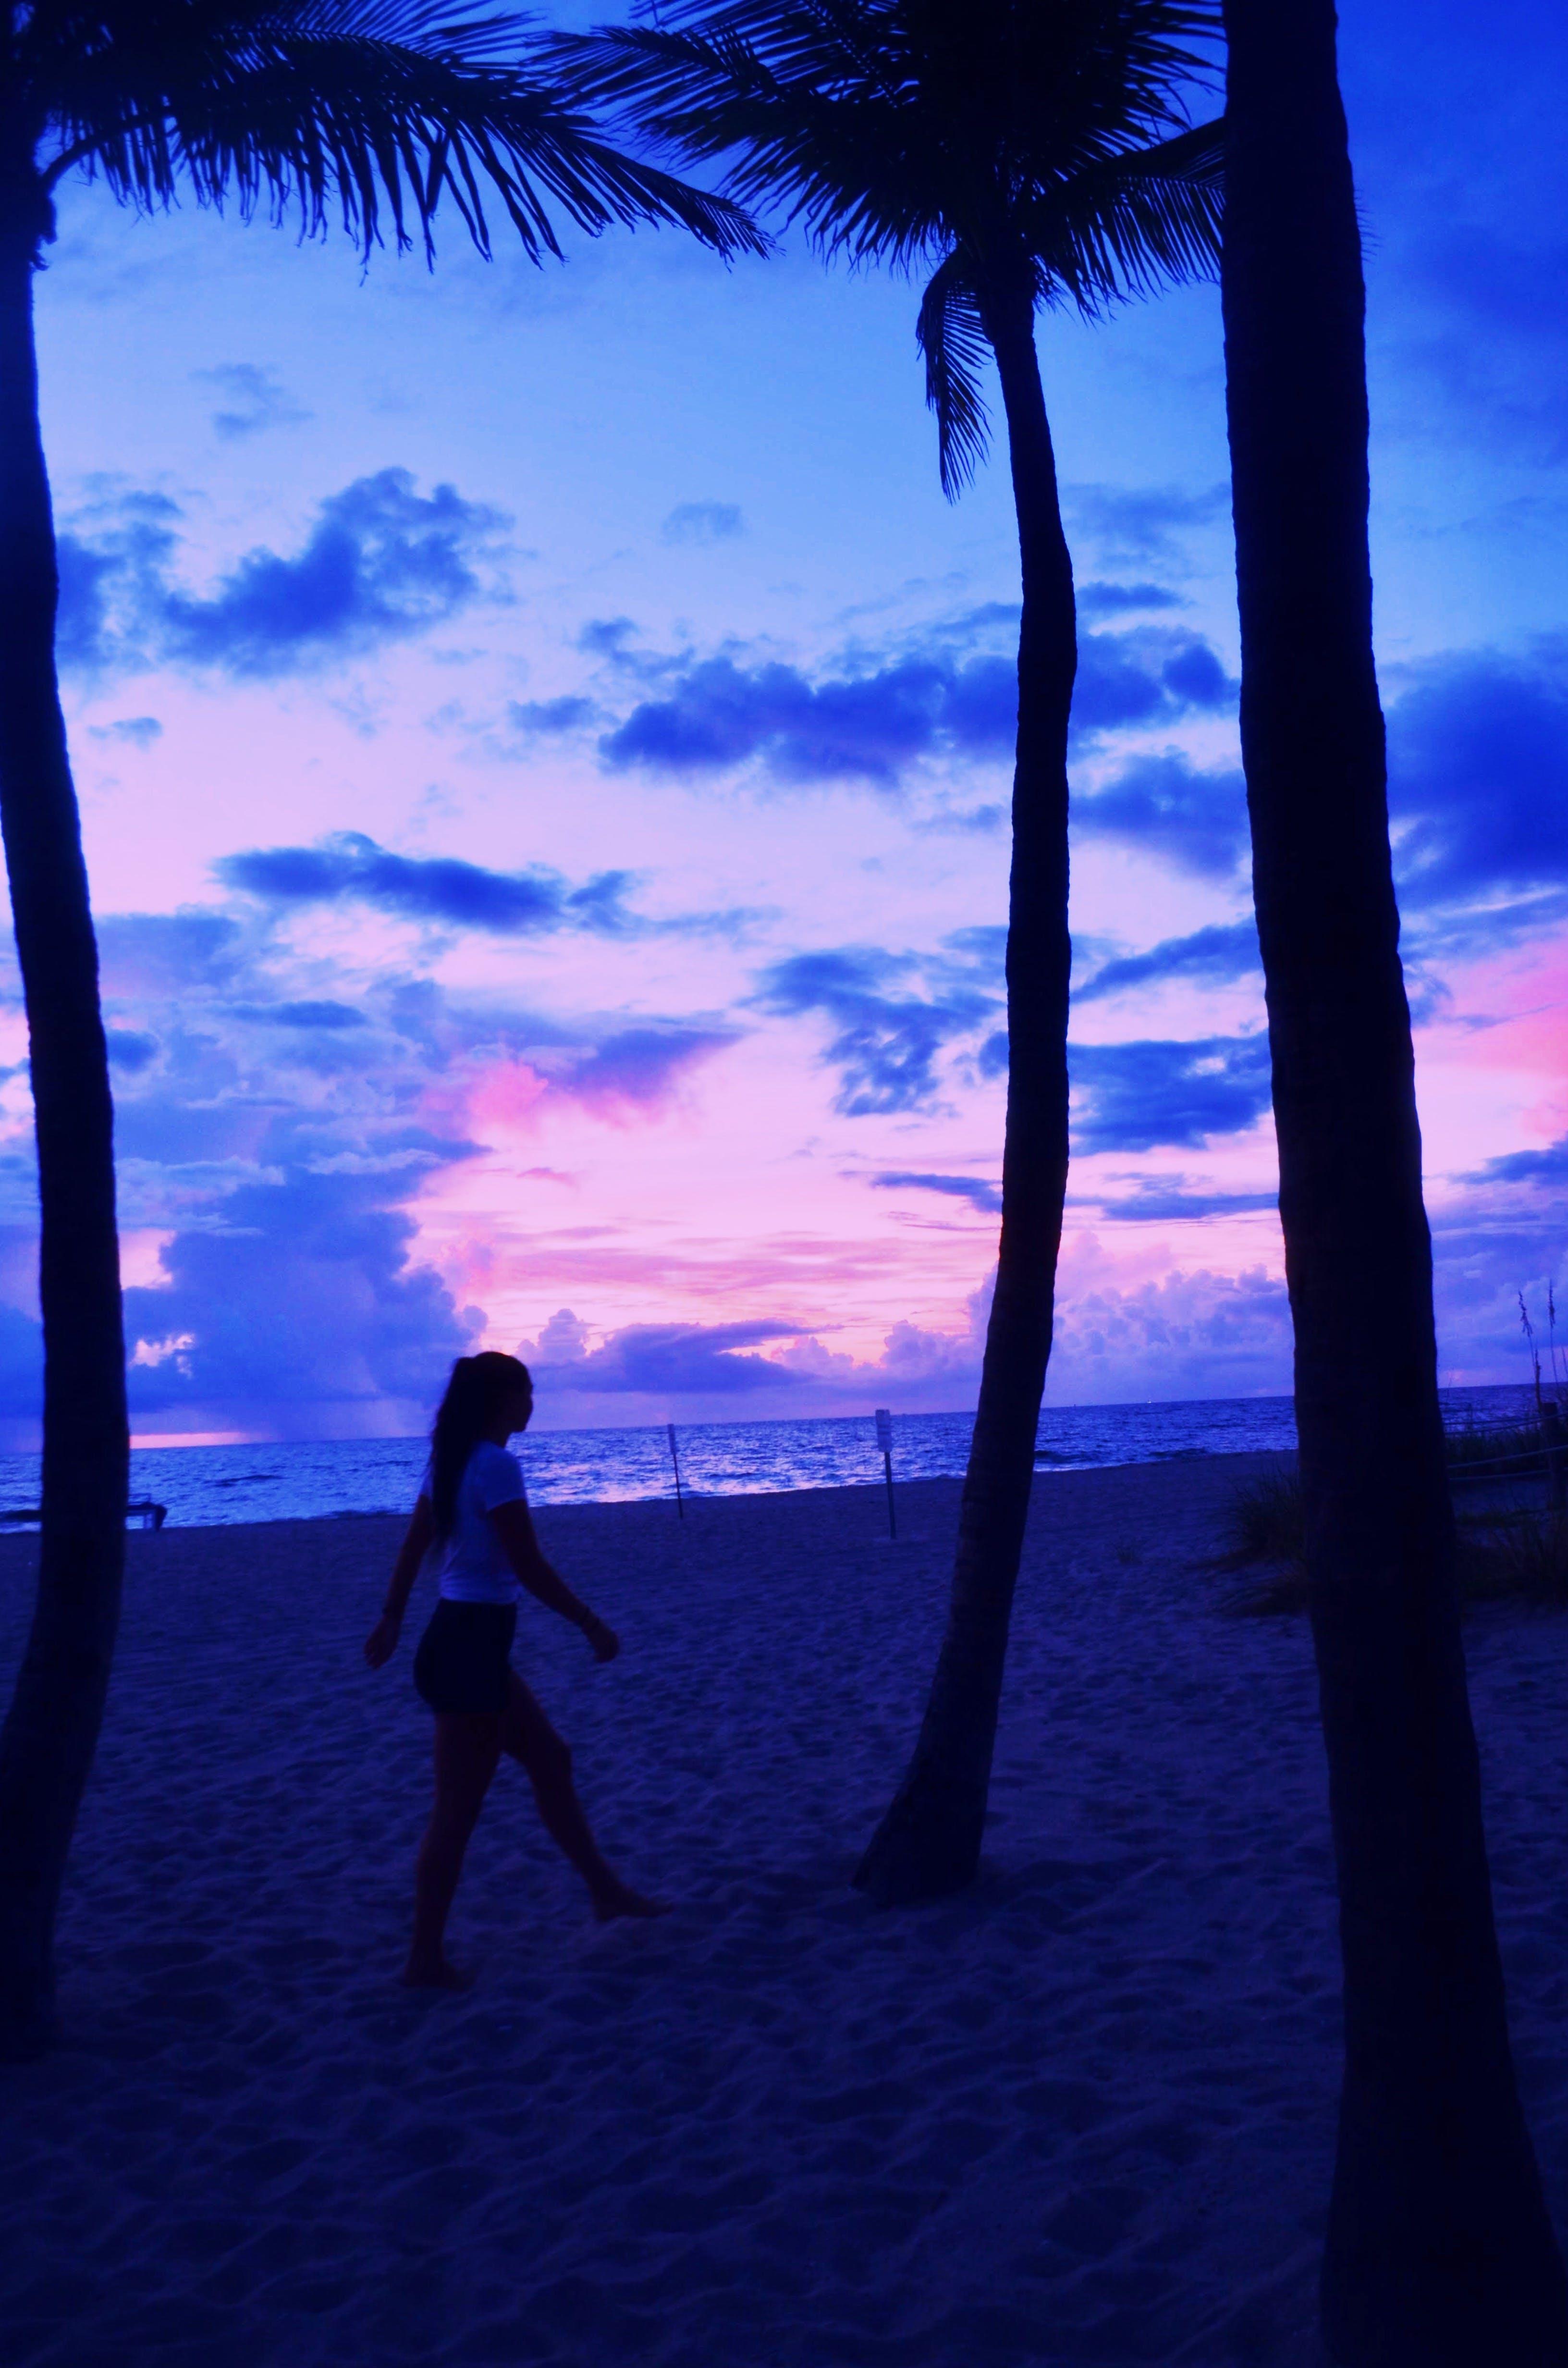 Δωρεάν στοκ φωτογραφιών με ακτή, Ανατολή ηλίου, δραματικός, δραματικός ουρανό